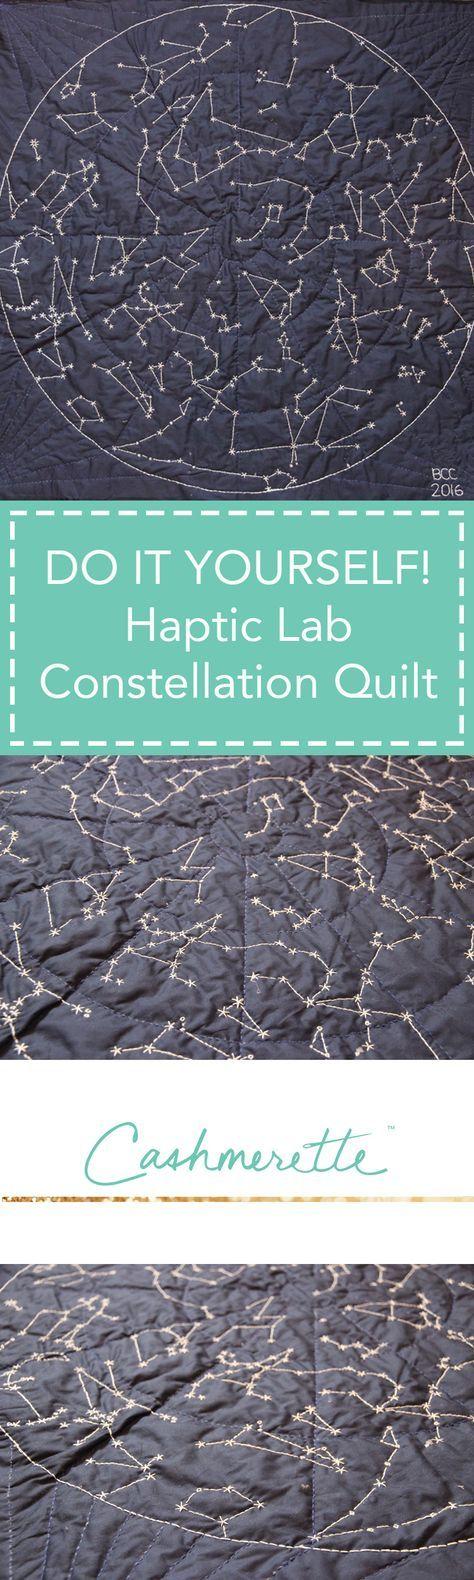 DIY Constellation Hand Quilt by Cashmerette